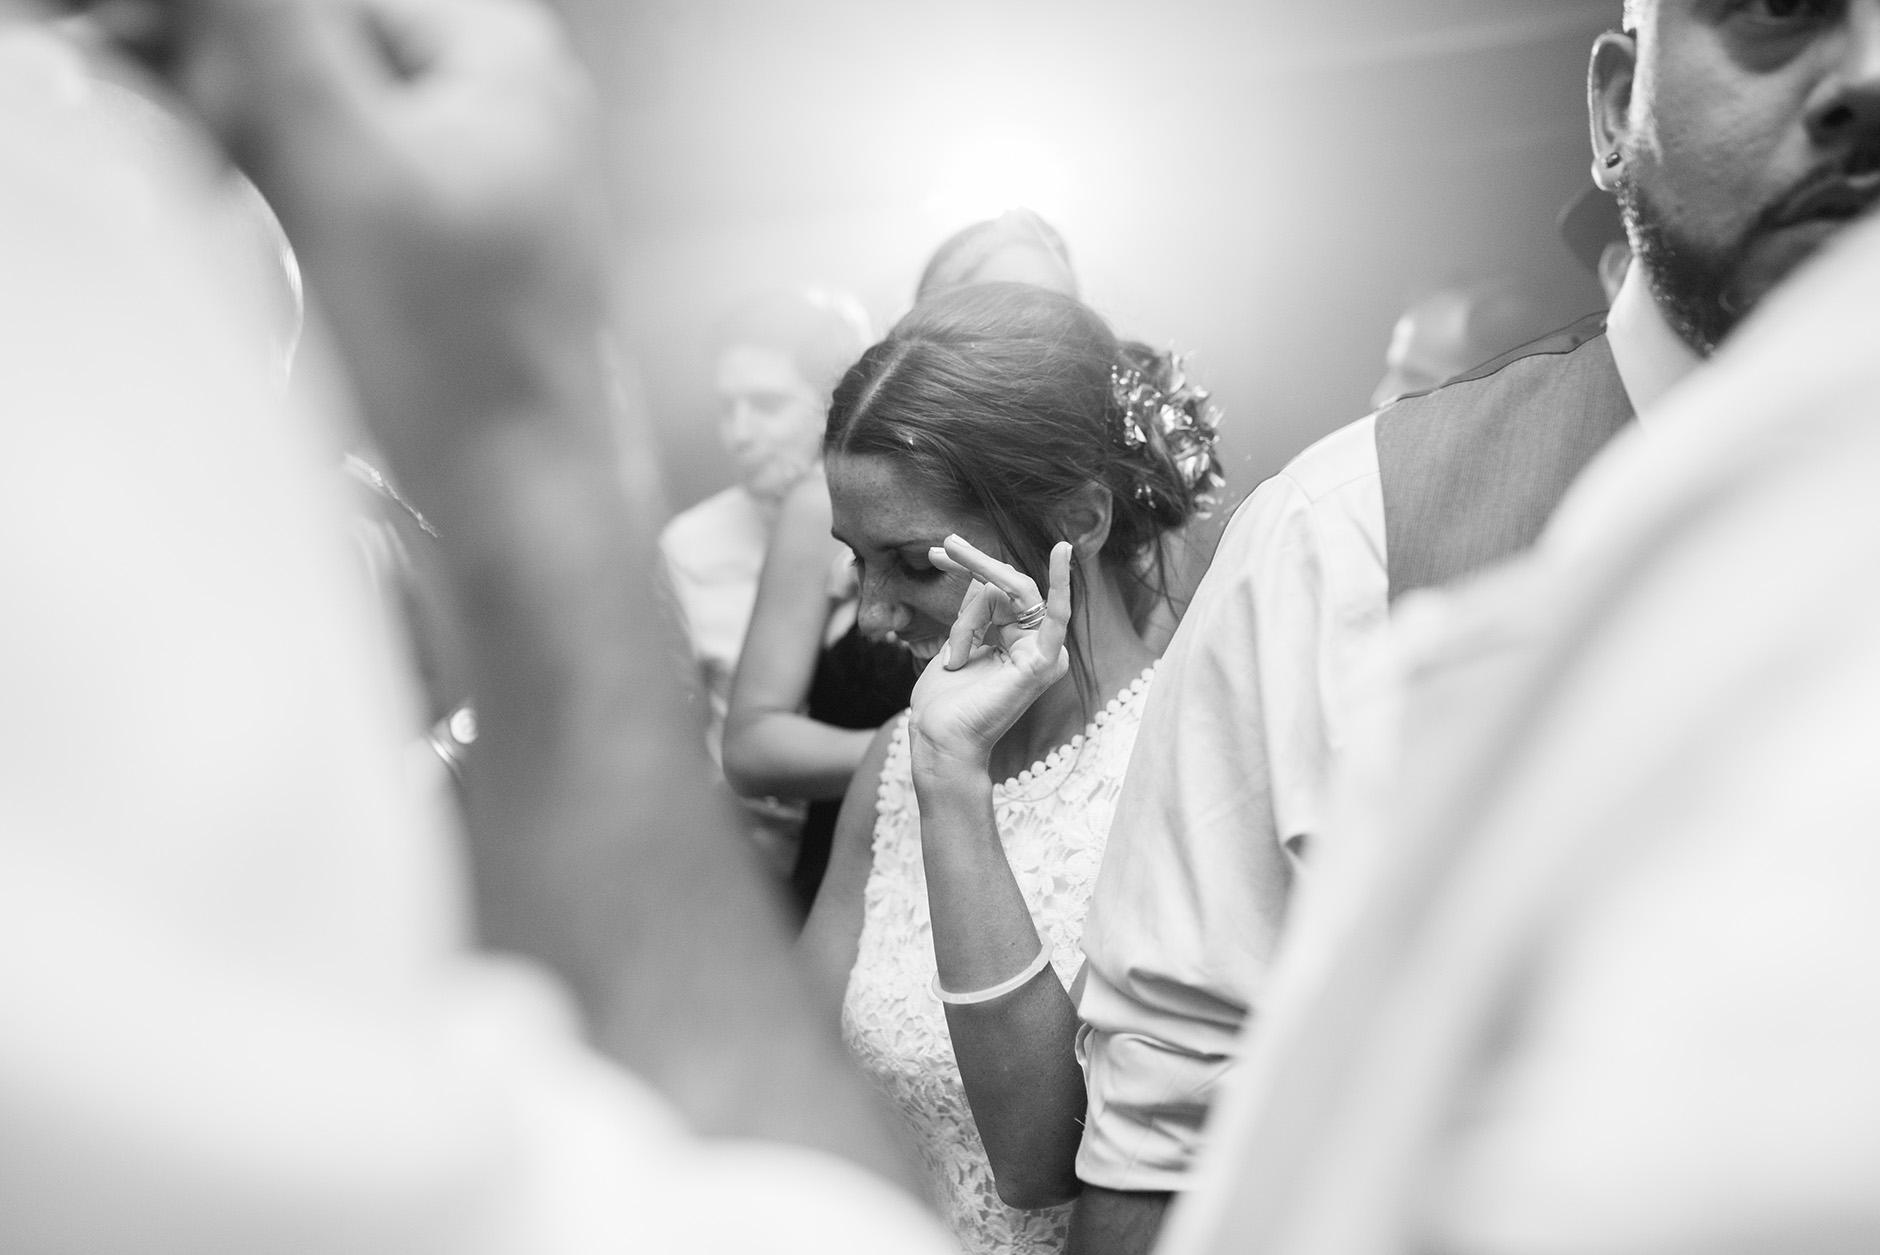 Fotos de la boda de Caro y Rodri en la Arbolada Rosario por Bucle Fotografias Flor Bosio y Caro Clerici